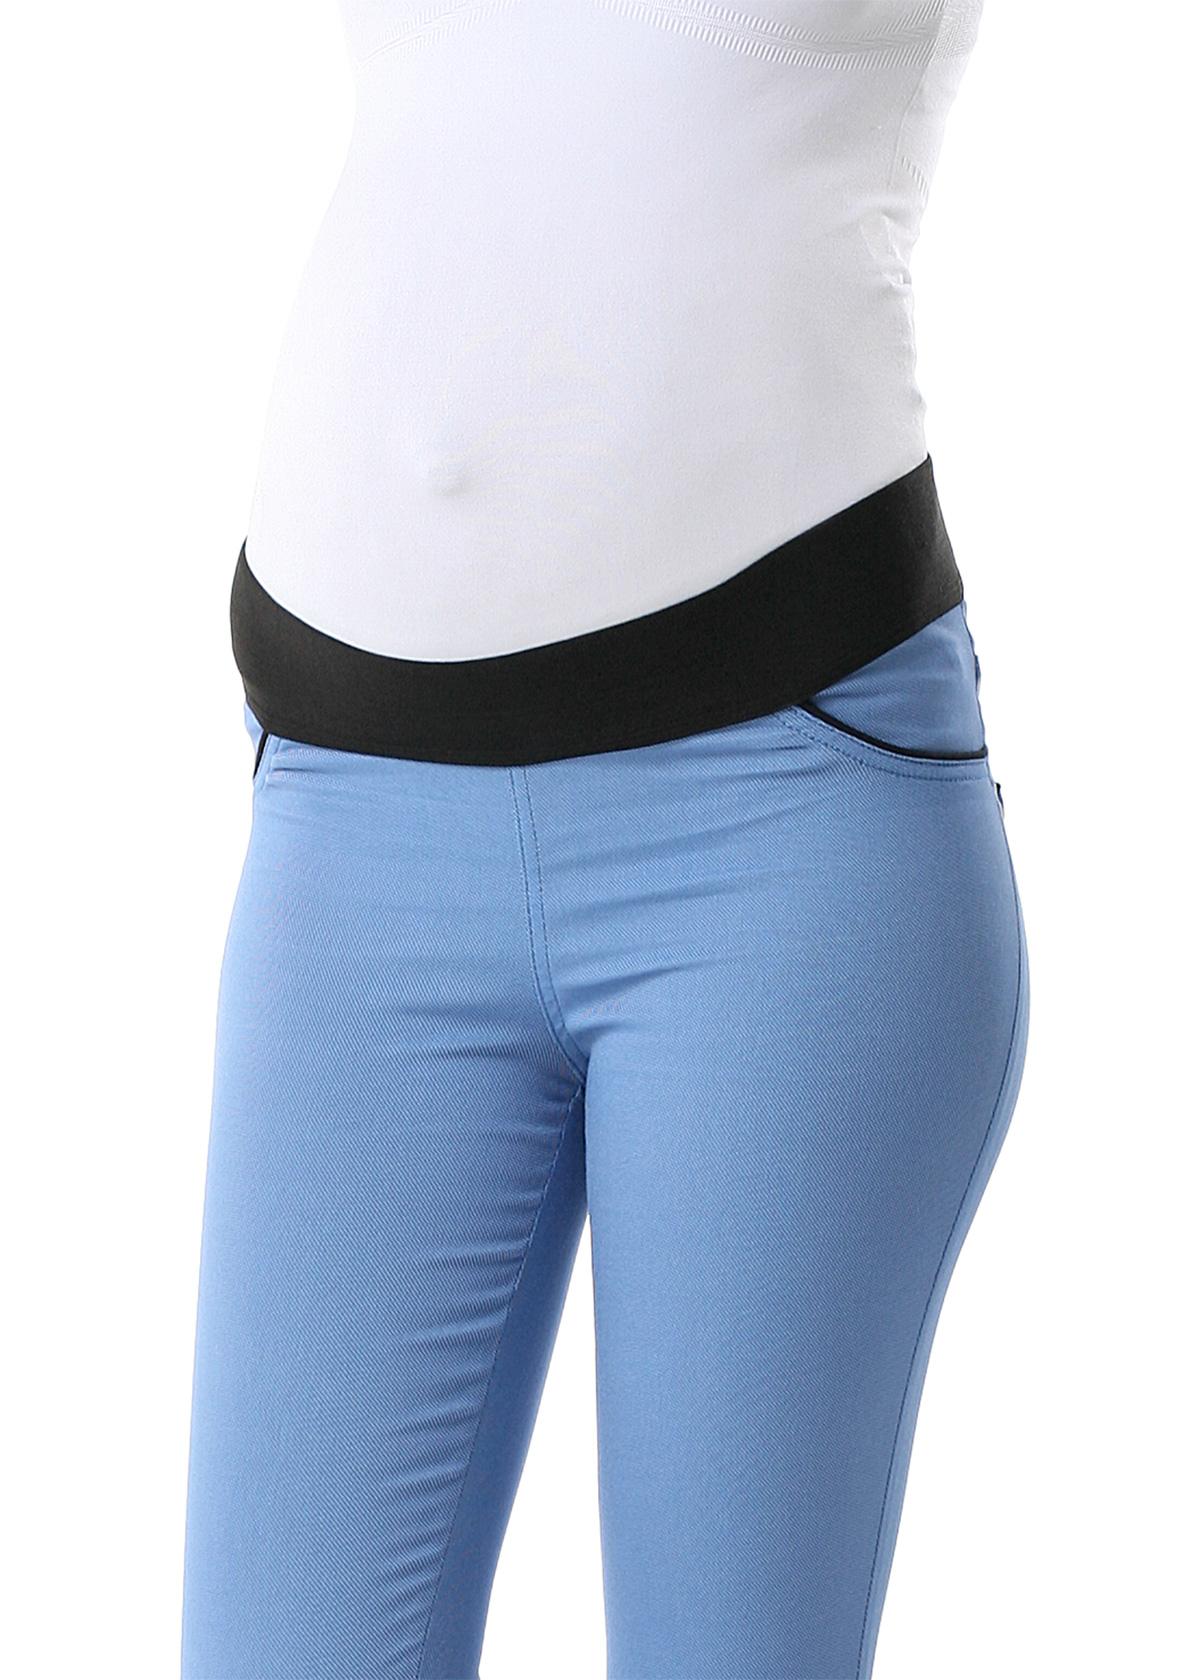 брюки +для беременных купить